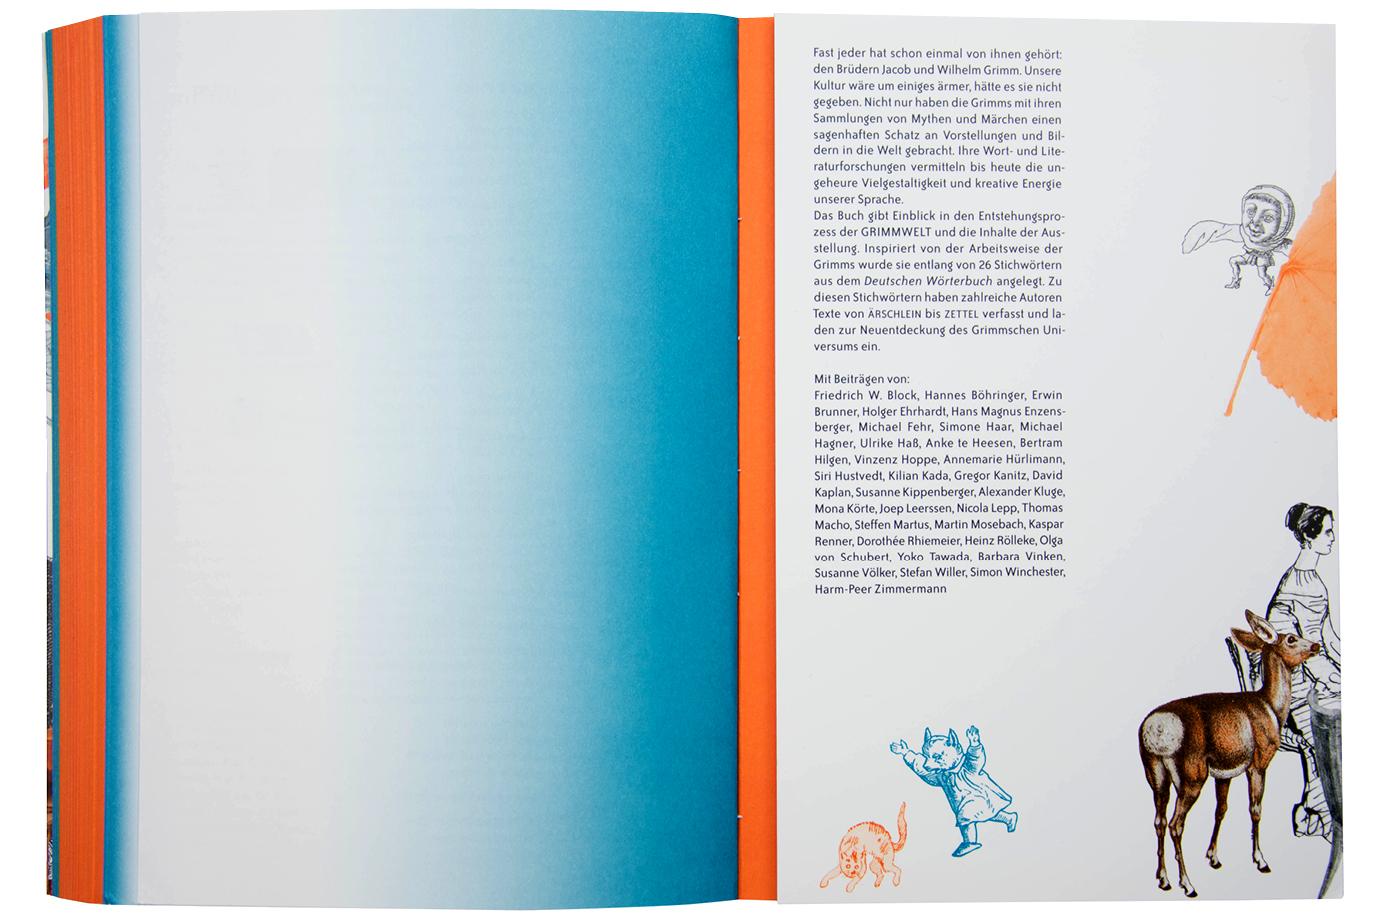 http://e-o-t.de/wordpress/wp-content/uploads/2017/05/2015_eot-Grimmwelt-Book-017.jpg